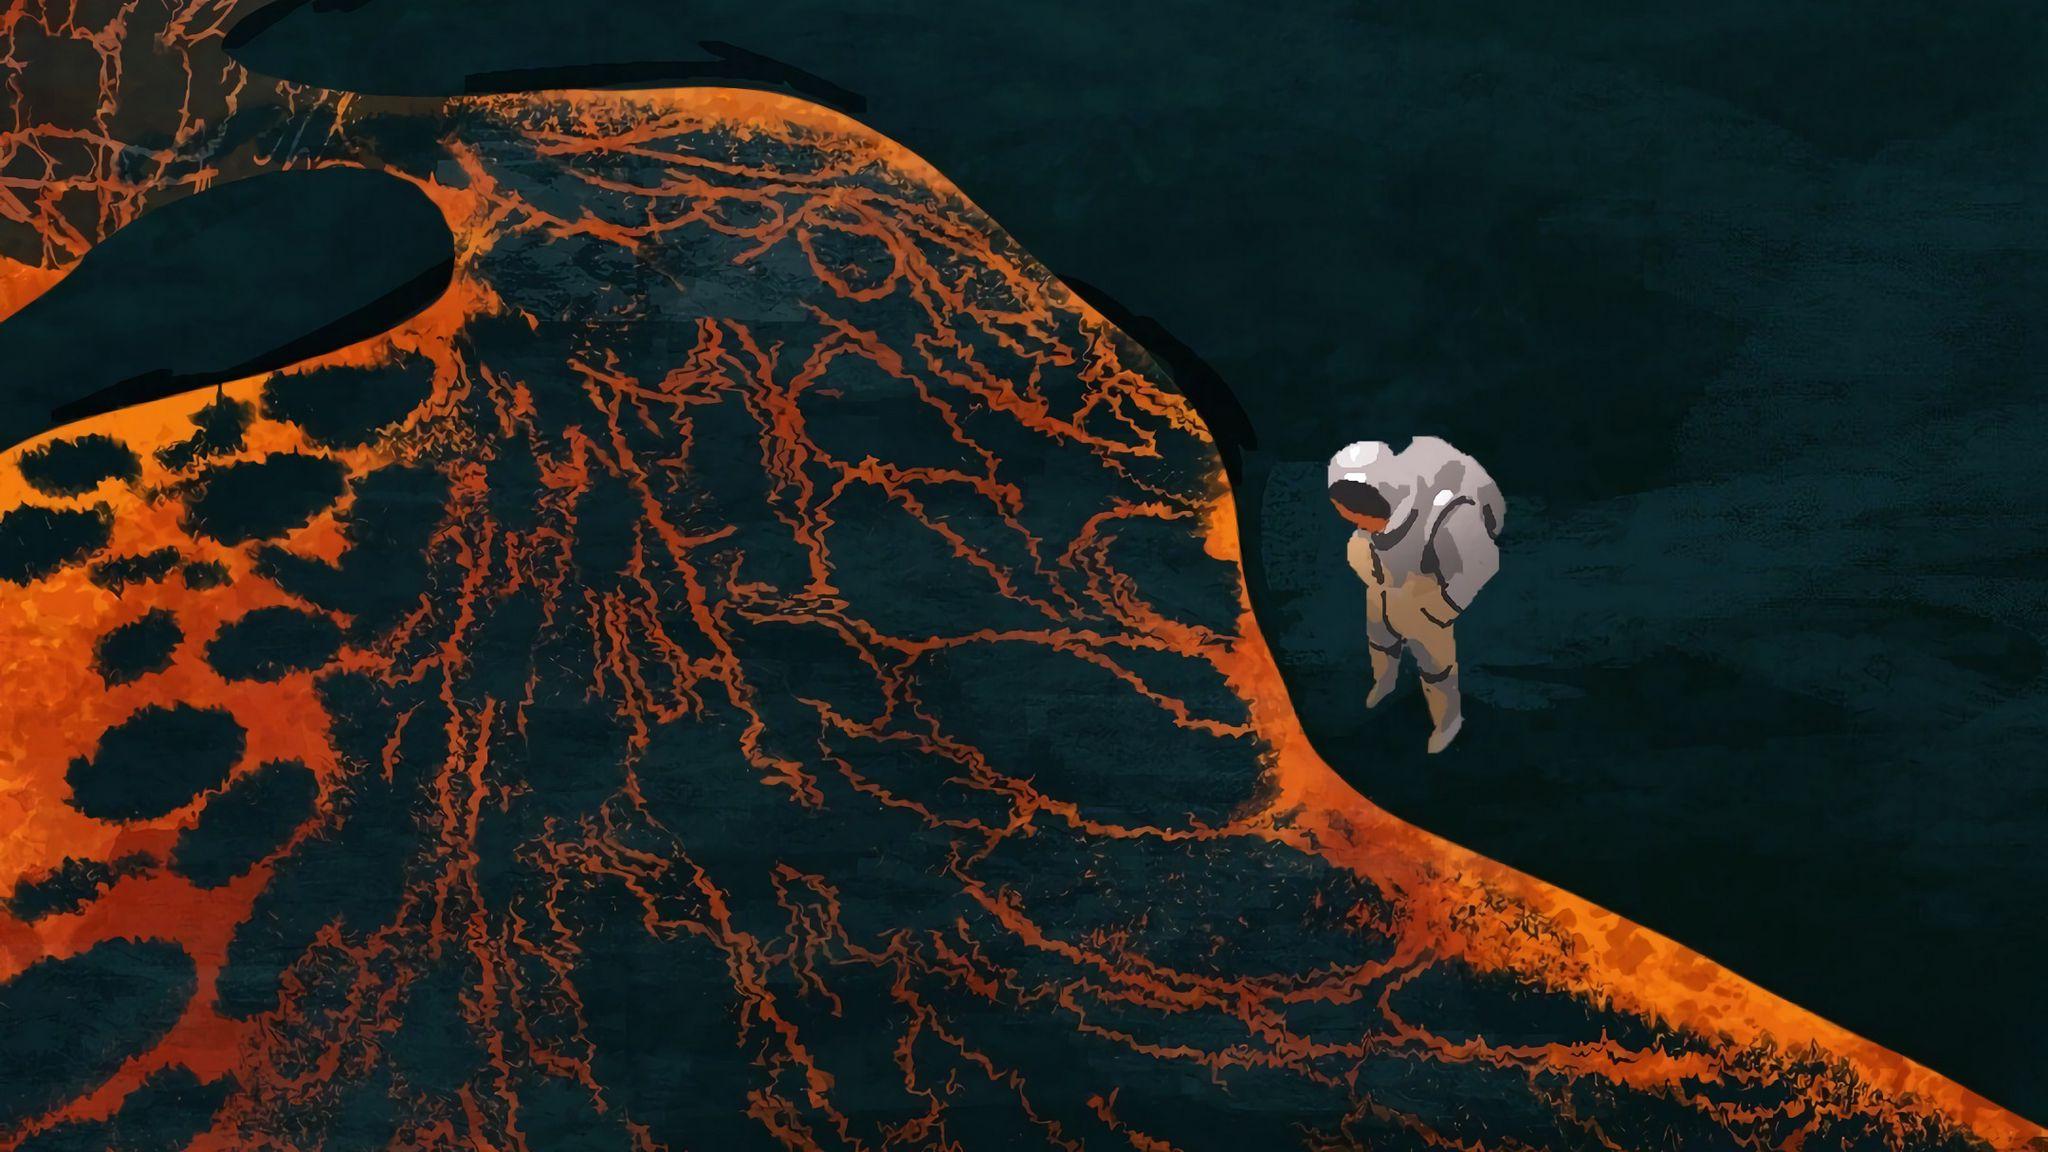 Fondos de pantalla Astronauta en tierra con lava